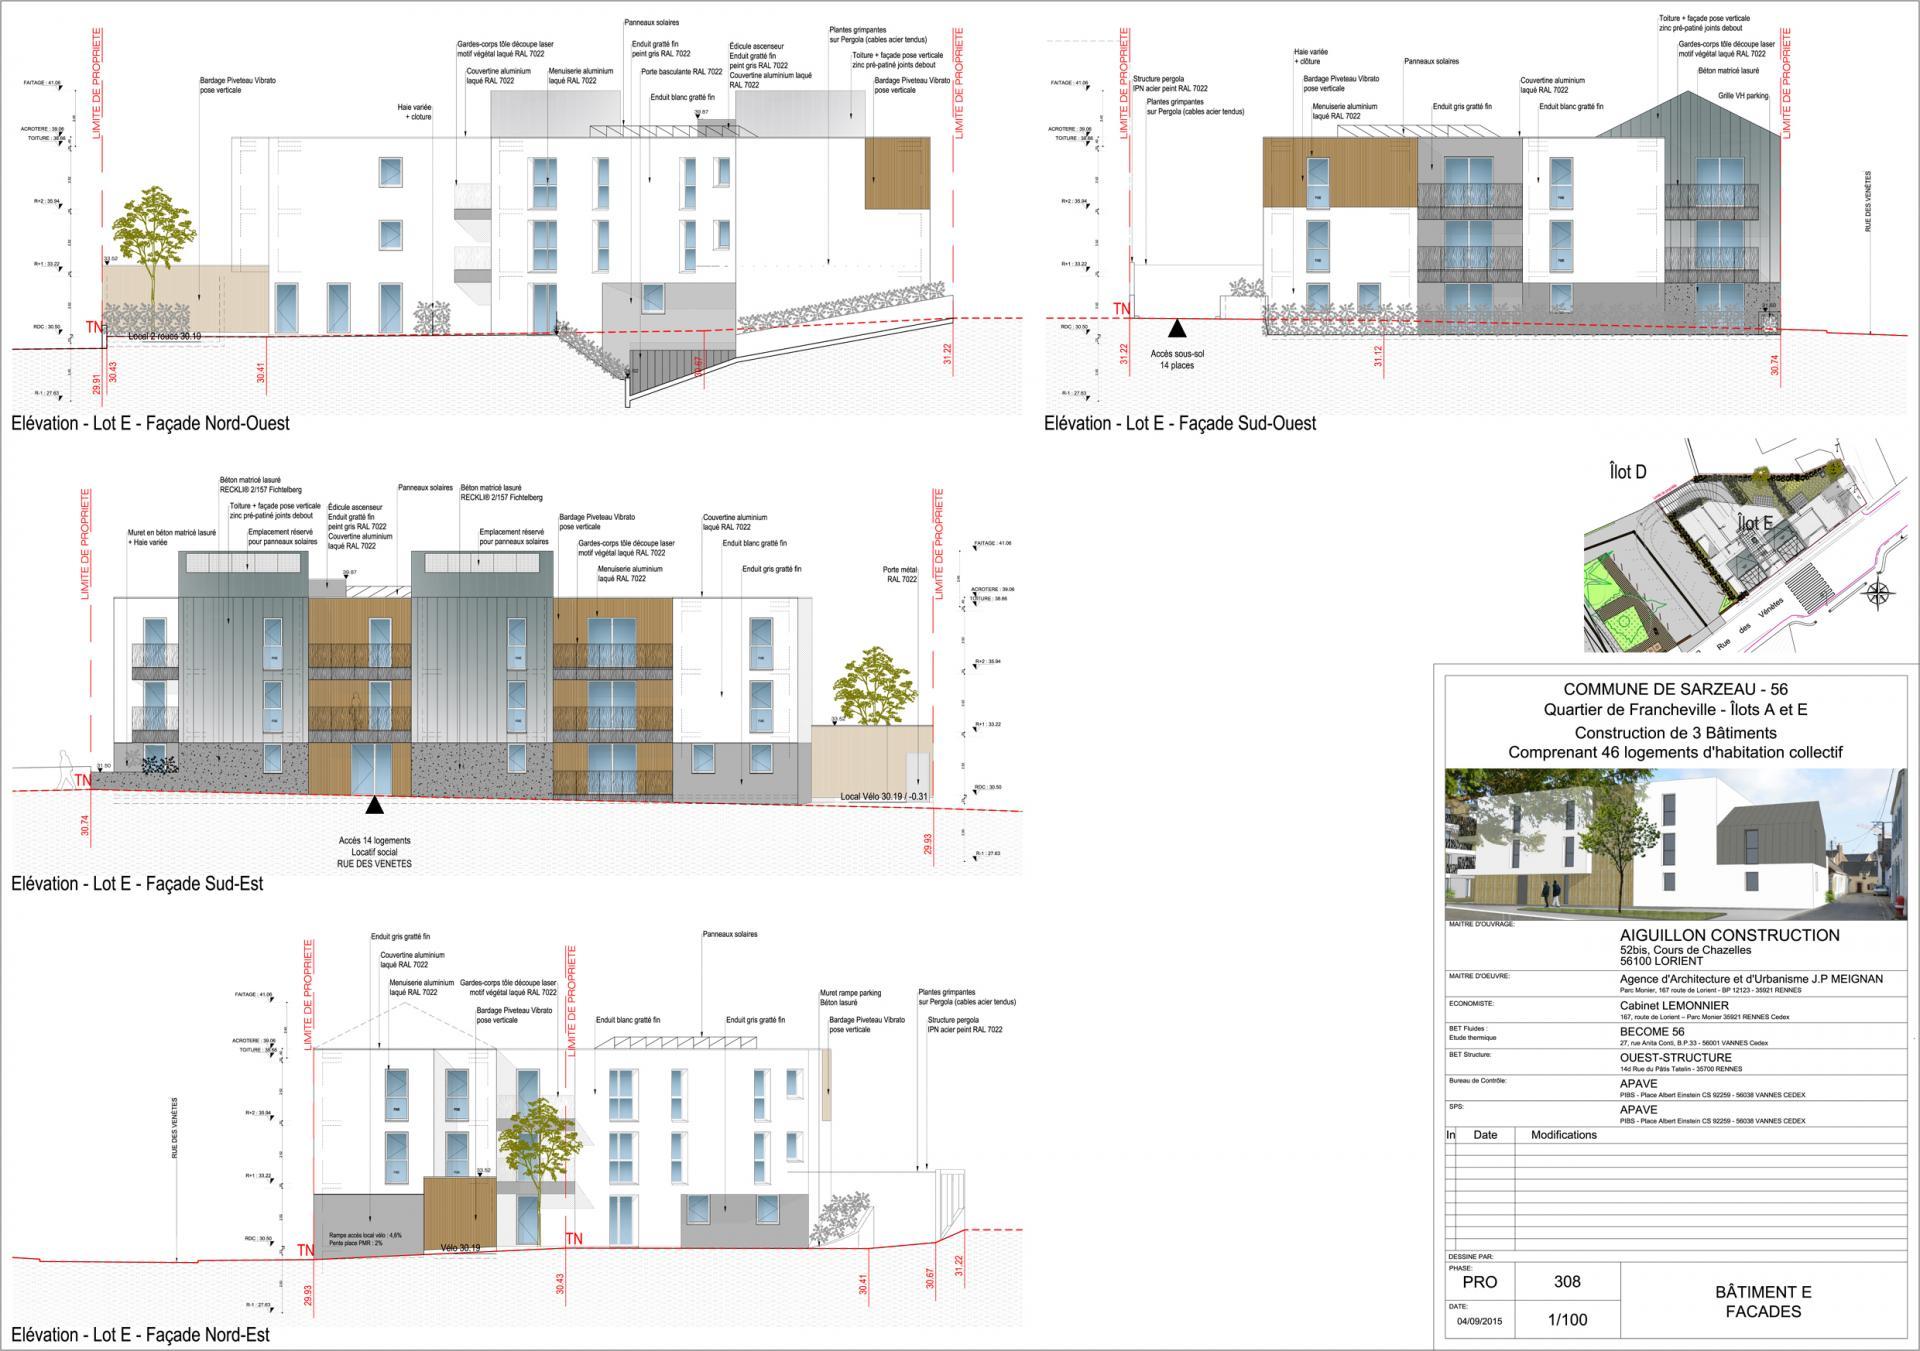 Sarz pro e 308 facades